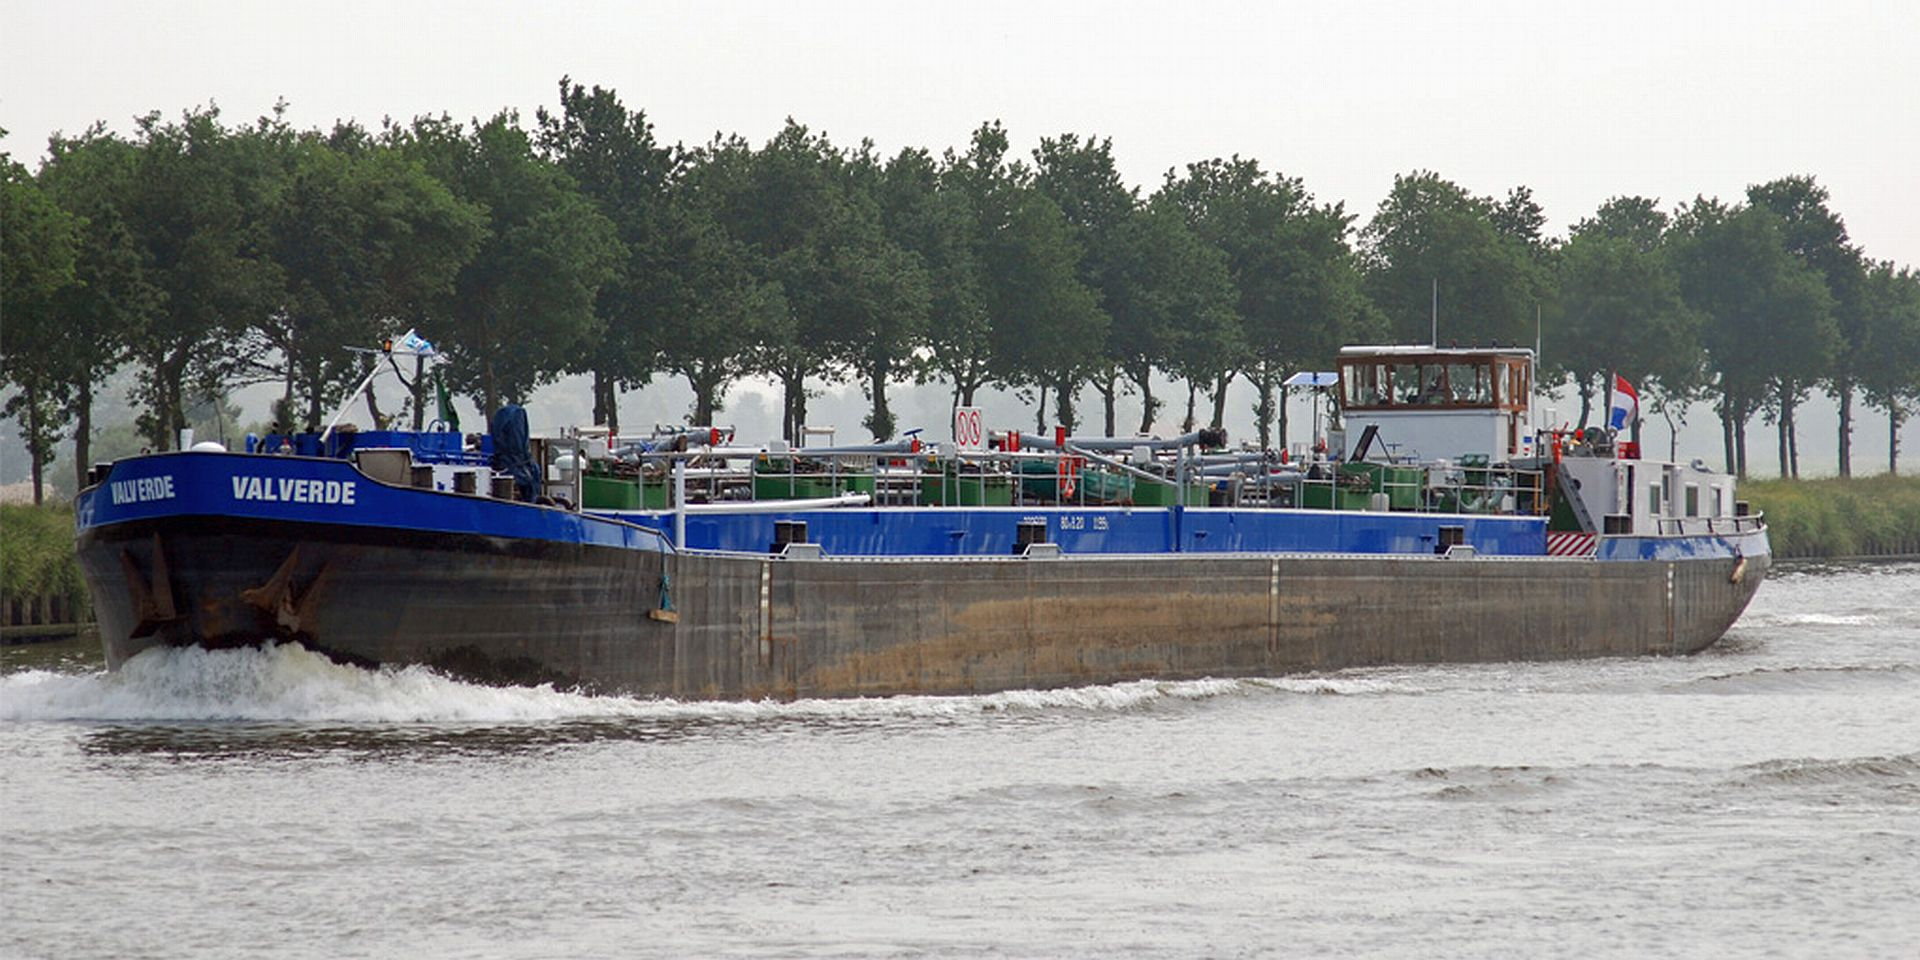 Een van de binnenvaart tankers waar Rene op vaart